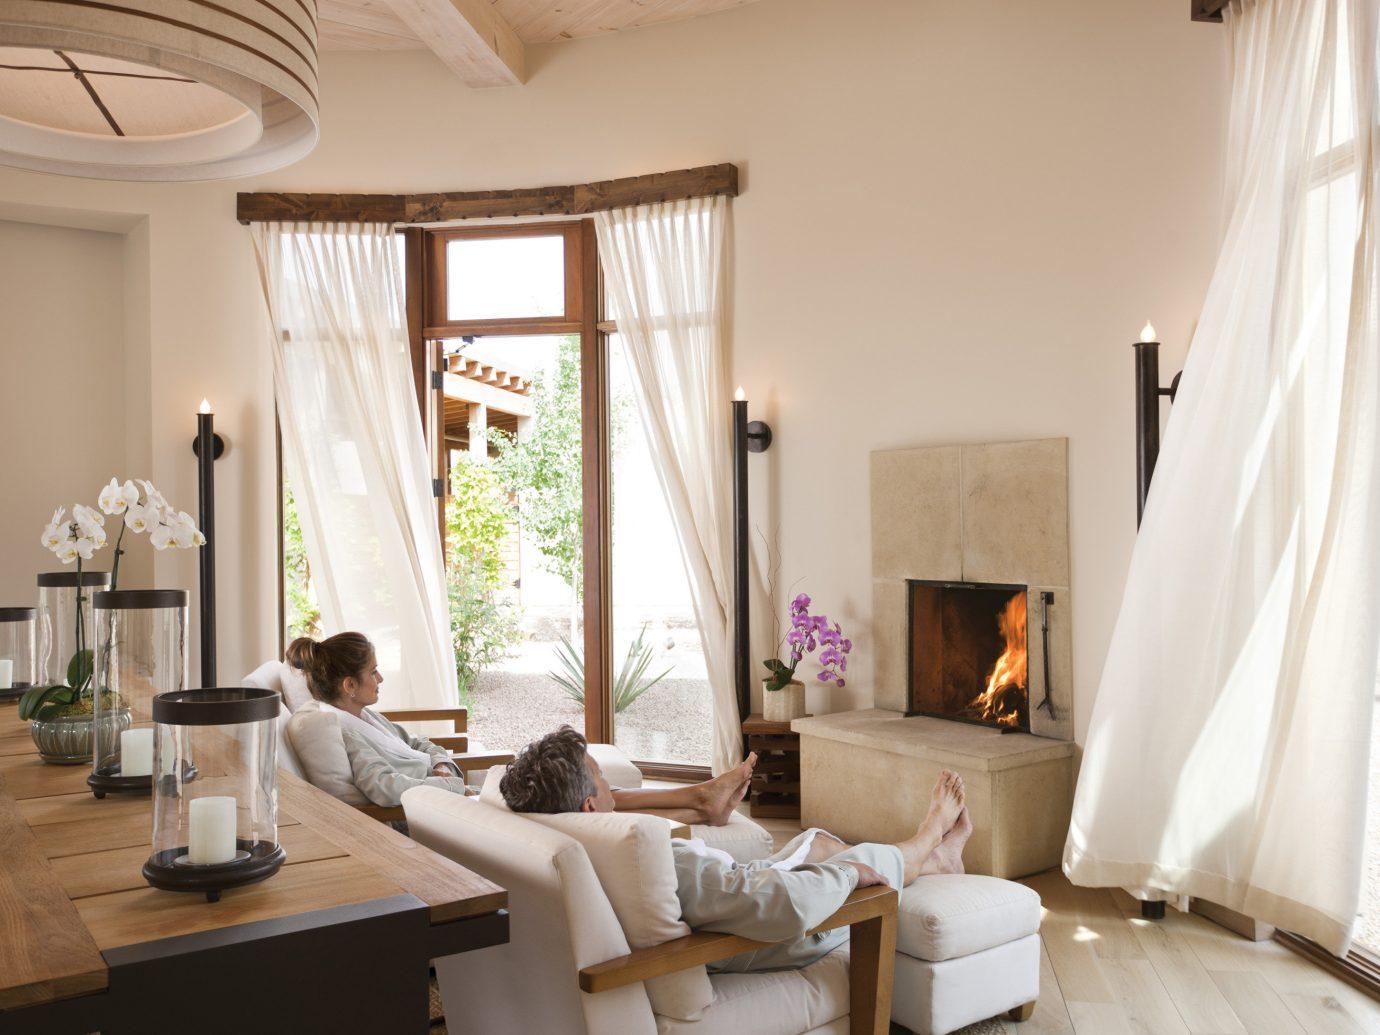 Trip Ideas indoor wall room property living room Living estate home interior design Suite condominium Villa cottage real estate Design mansion apartment furniture